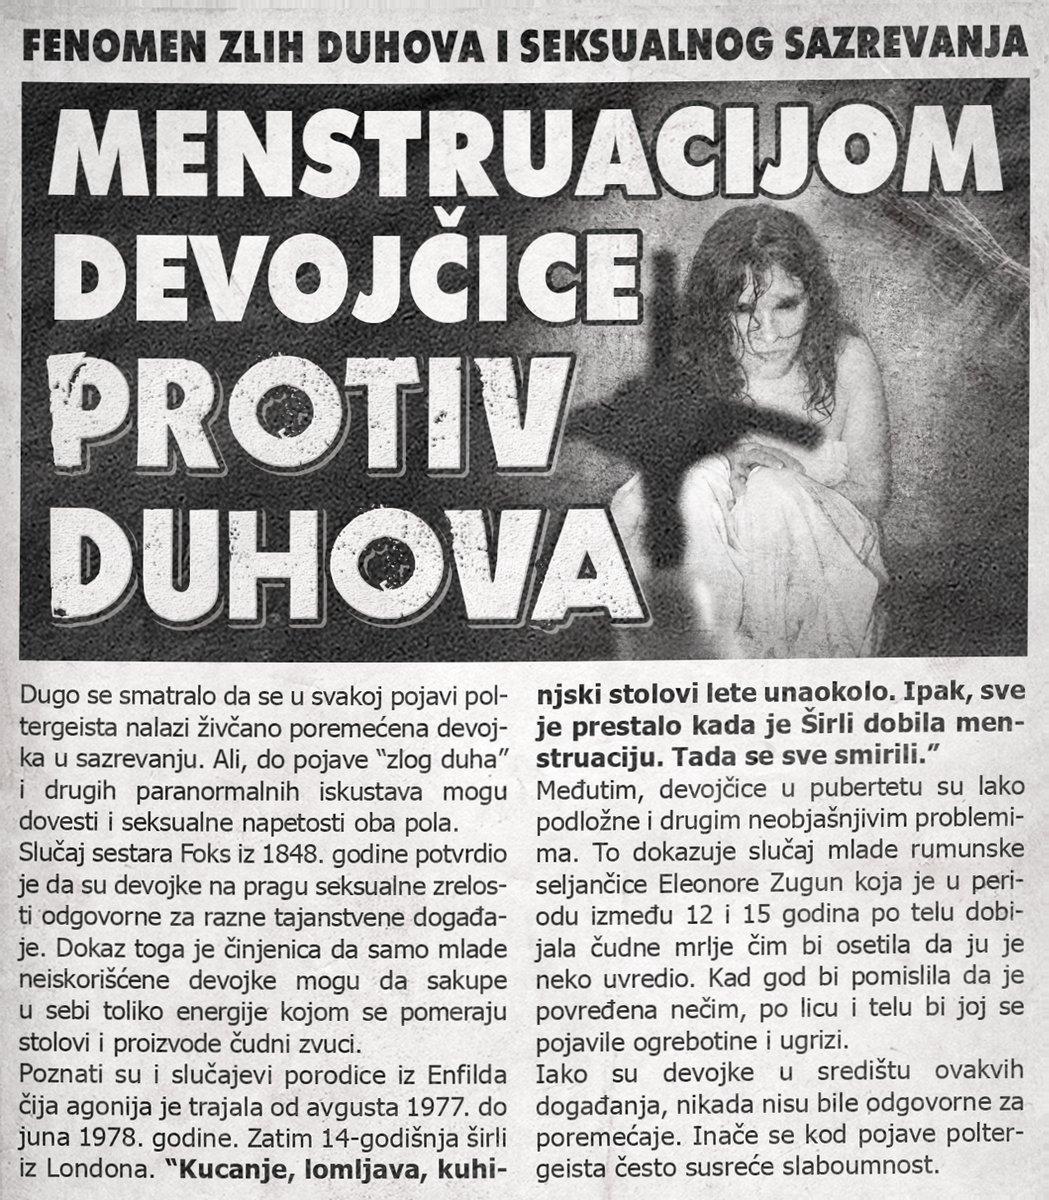 Menstruacijom devojčice protiv duhova